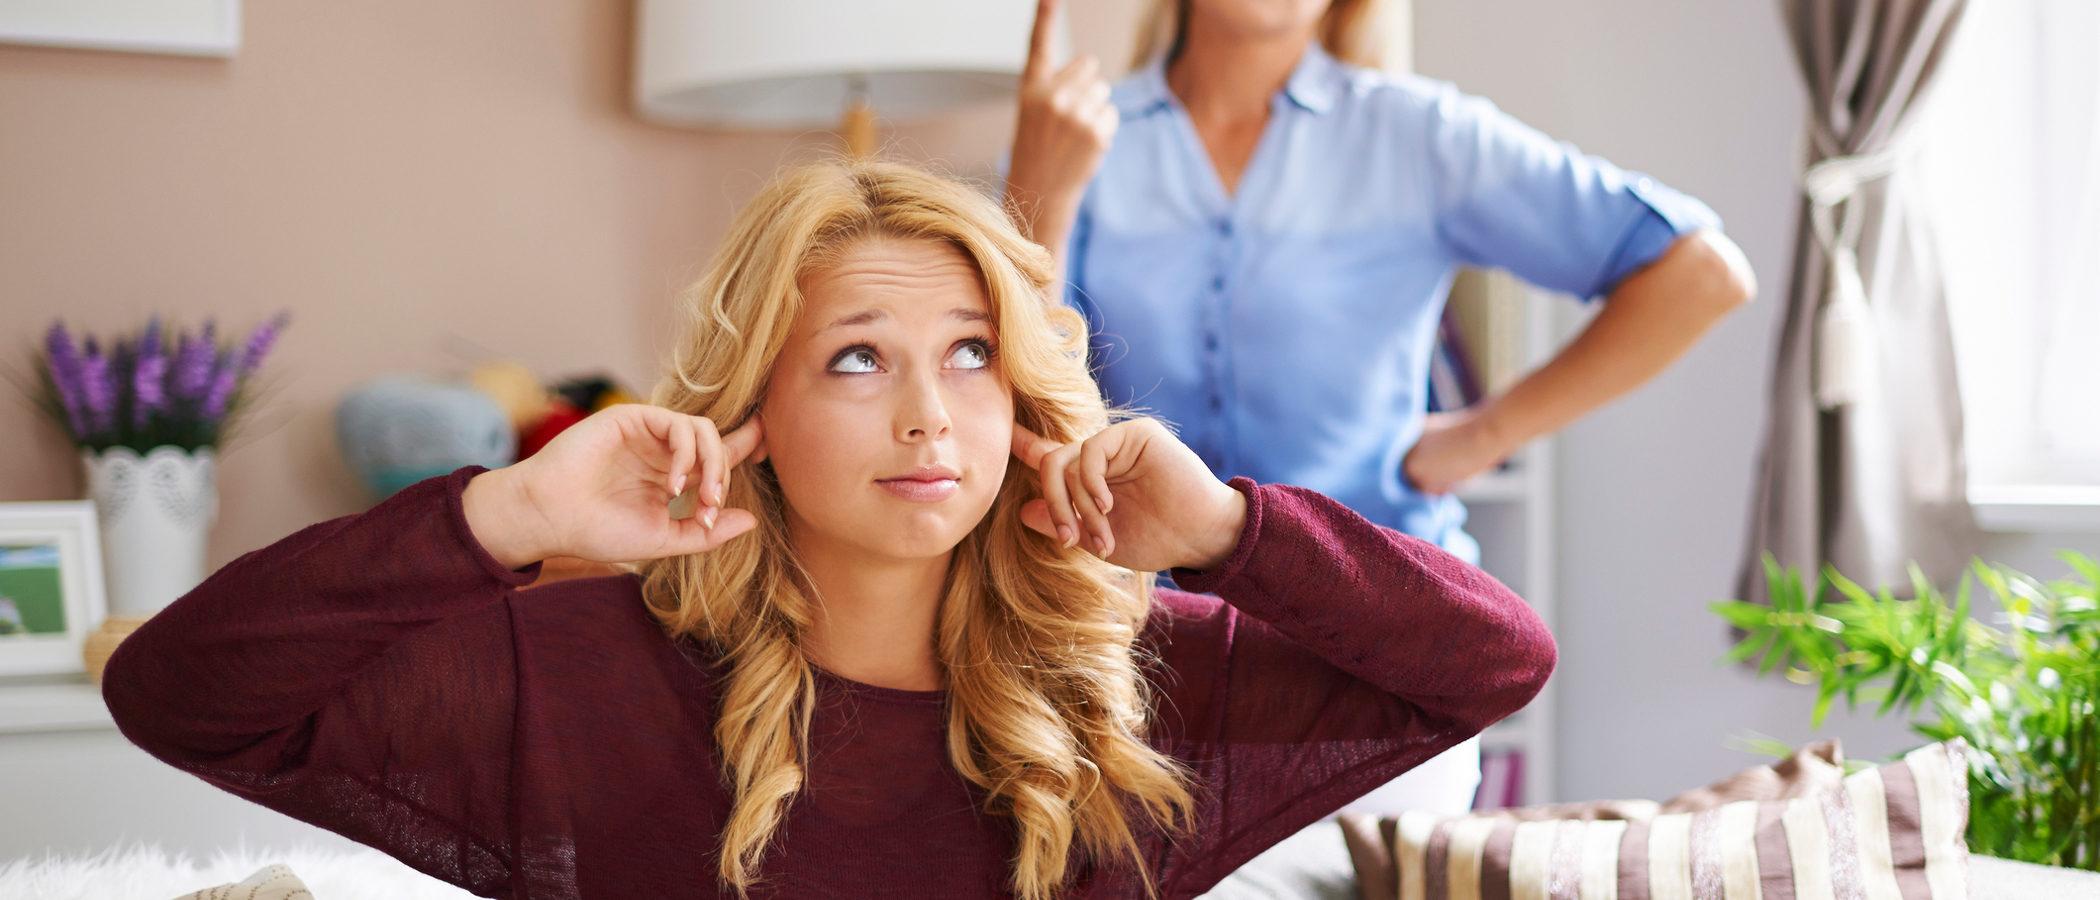 Mi hijo adolescente se ha distanciado mucho de mi, ¿volveremos a tener una buena relación?